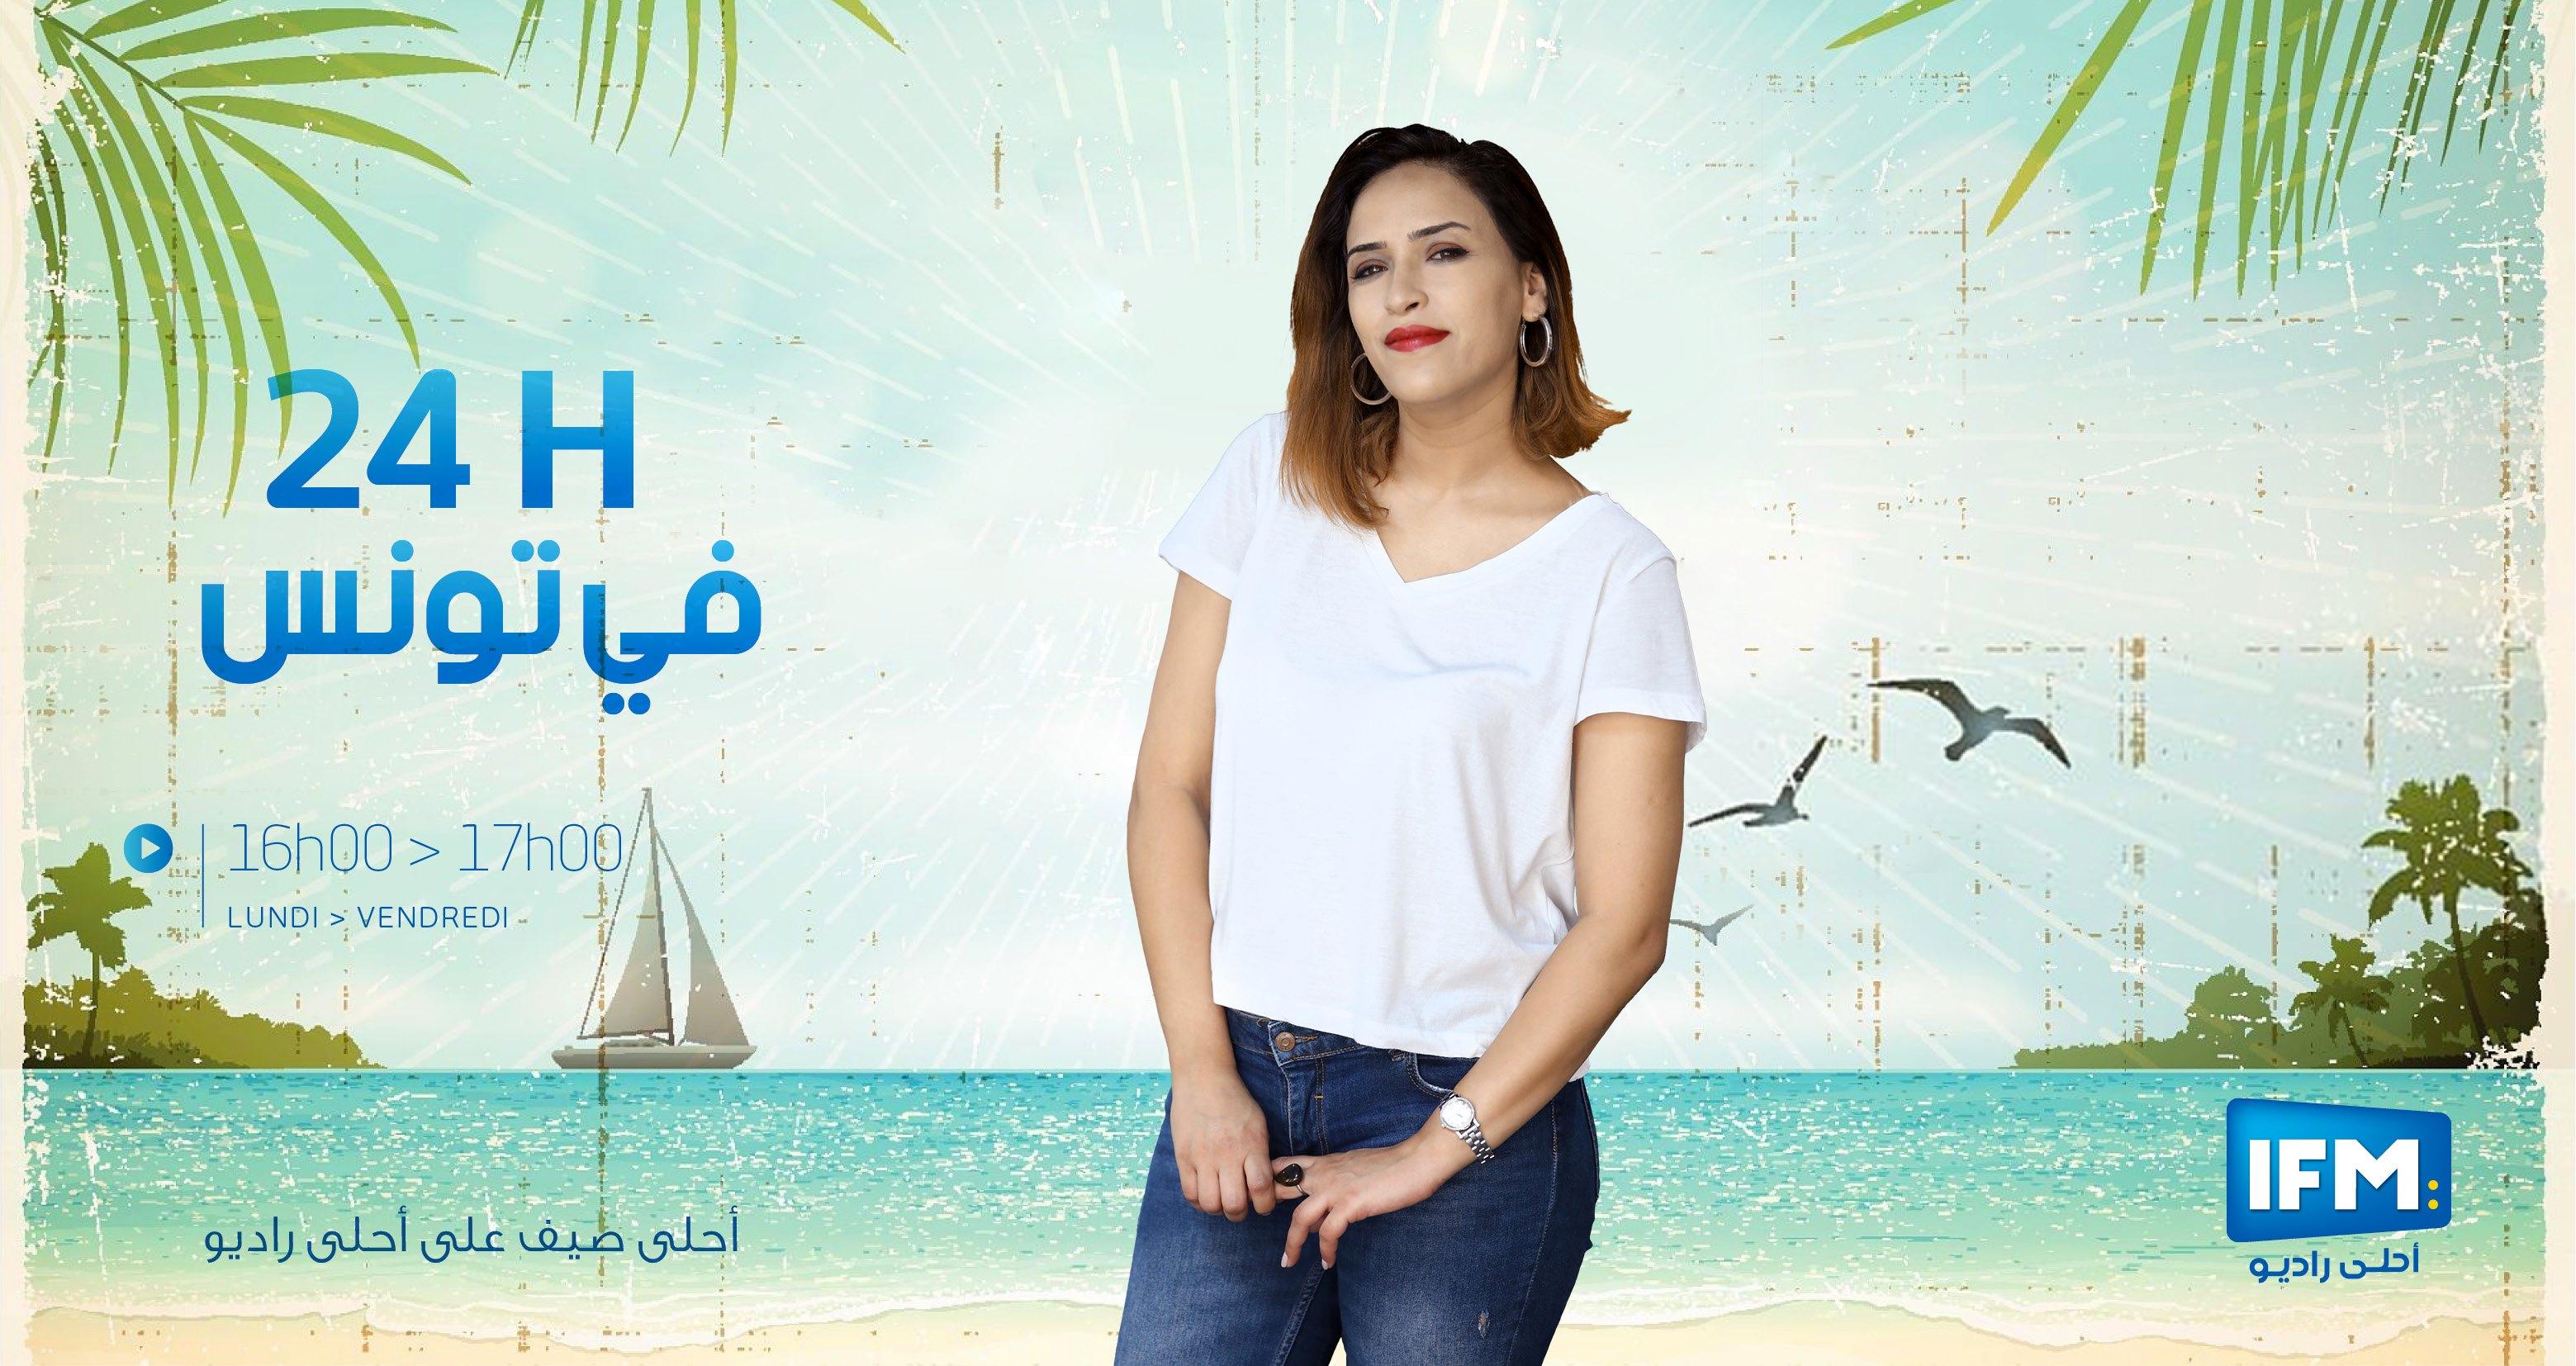 24 ساعة في تونس الثلاثاء 07 جويلية 2020 24h في تونس